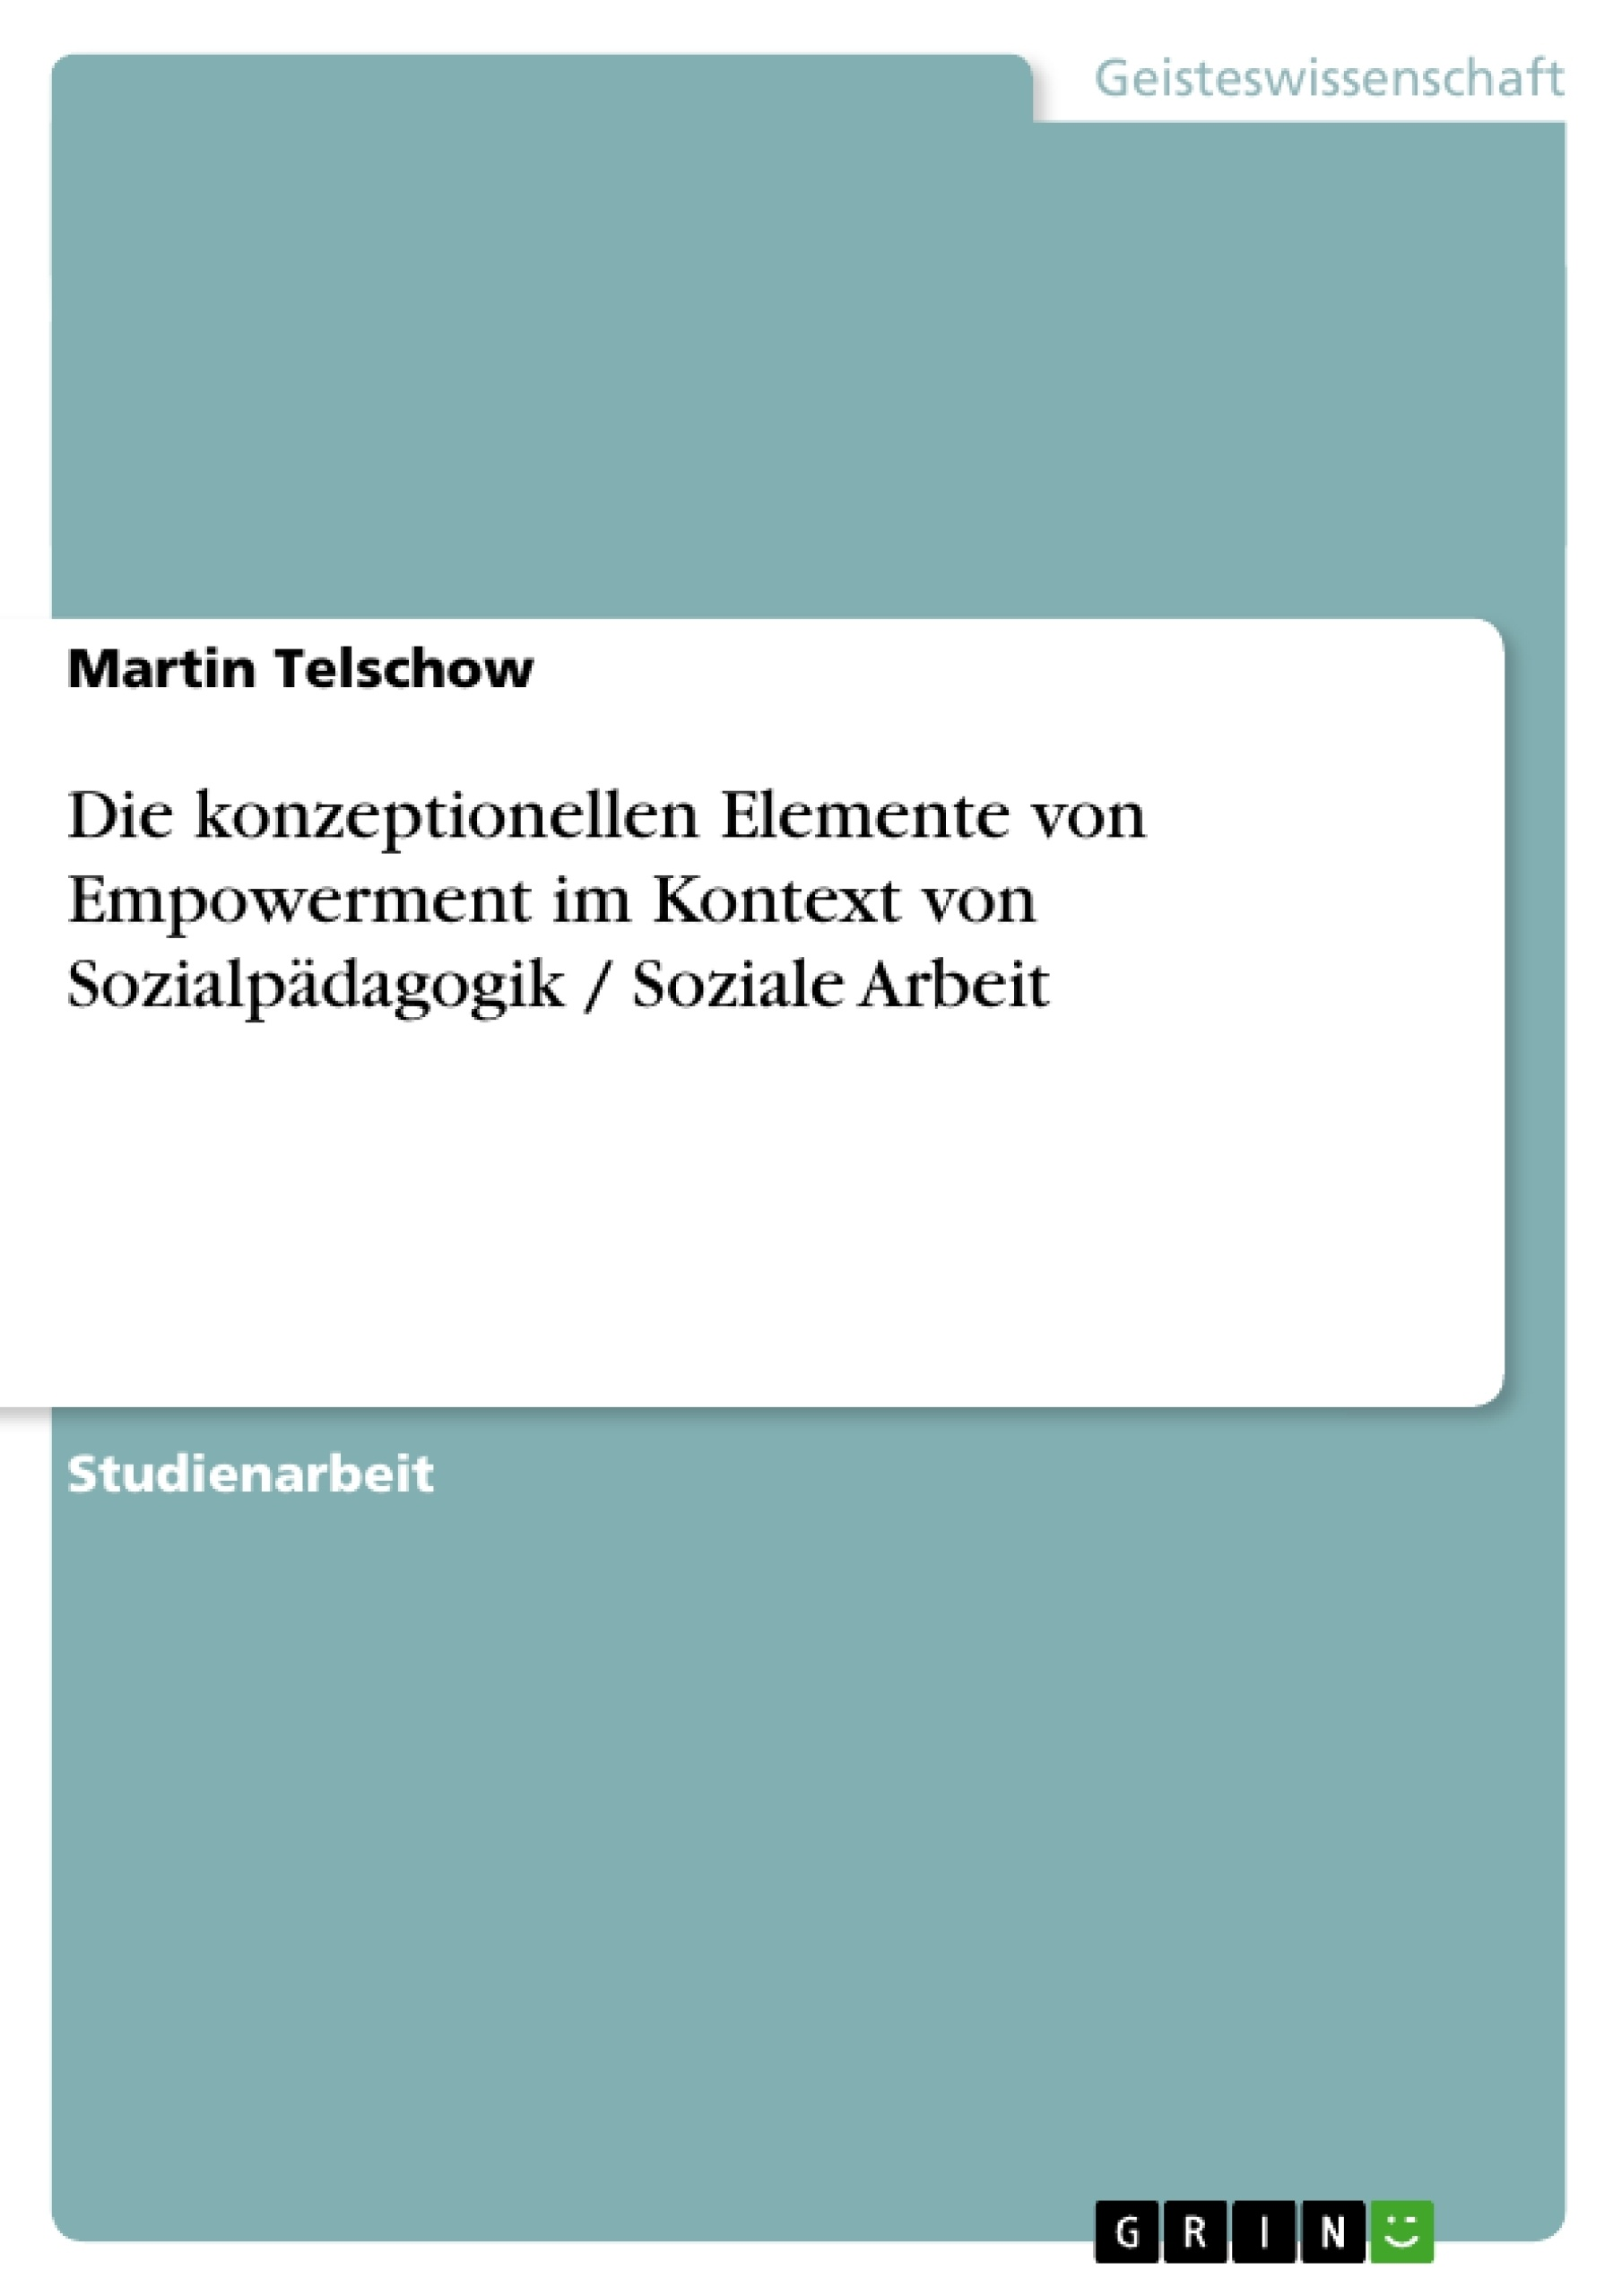 Titel: Die konzeptionellen Elemente von Empowerment im Kontext von Sozialpädagogik / Soziale Arbeit